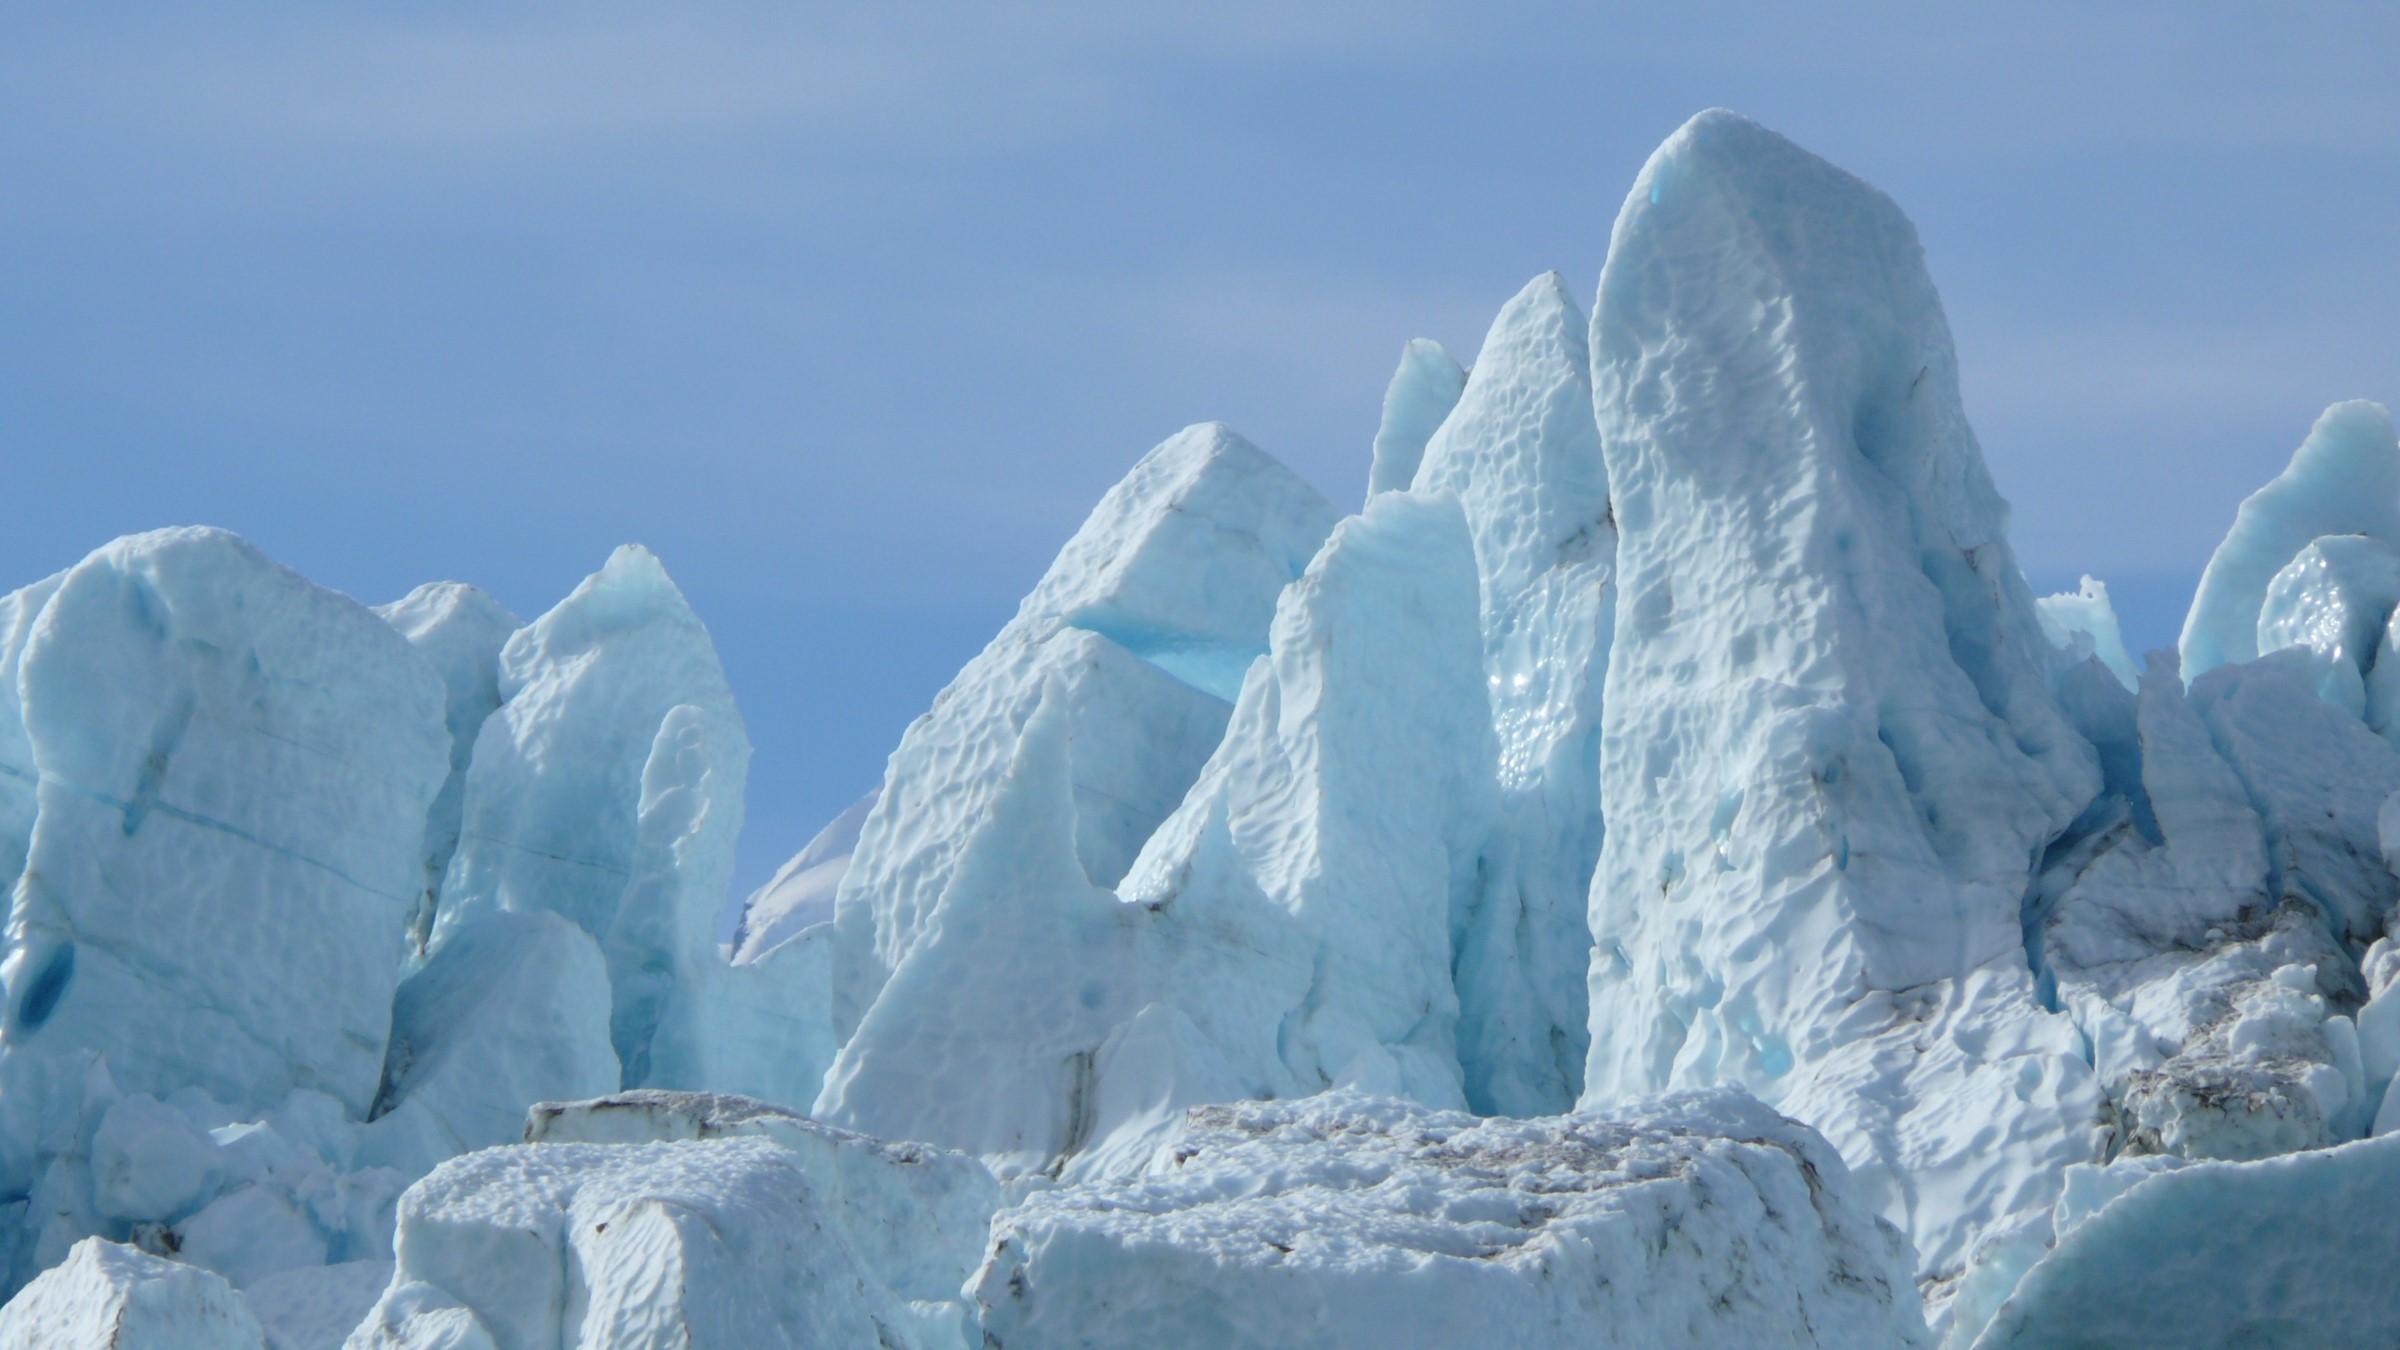 Glacier in Alaska national park